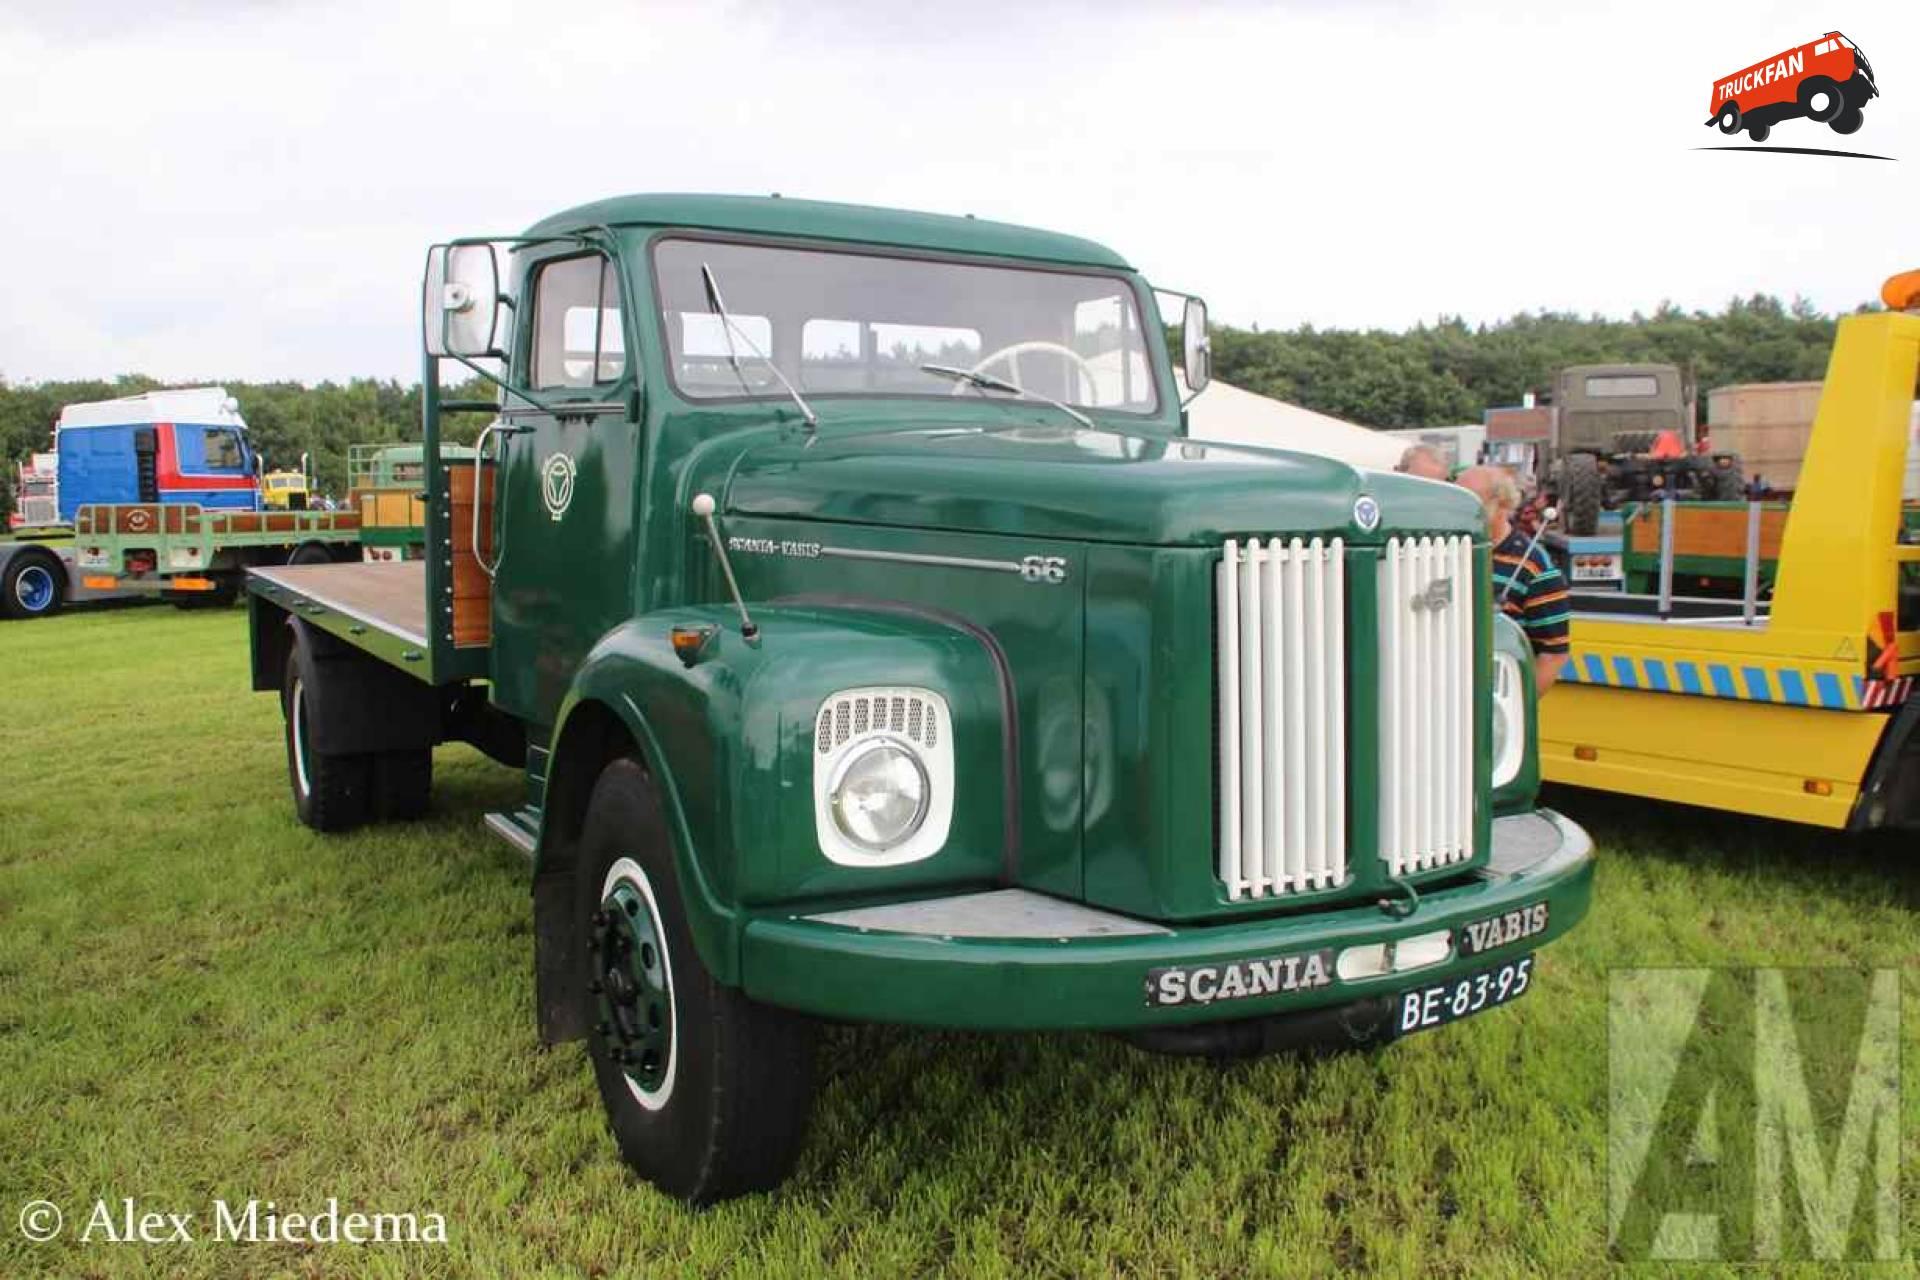 Scania-Vabis L66